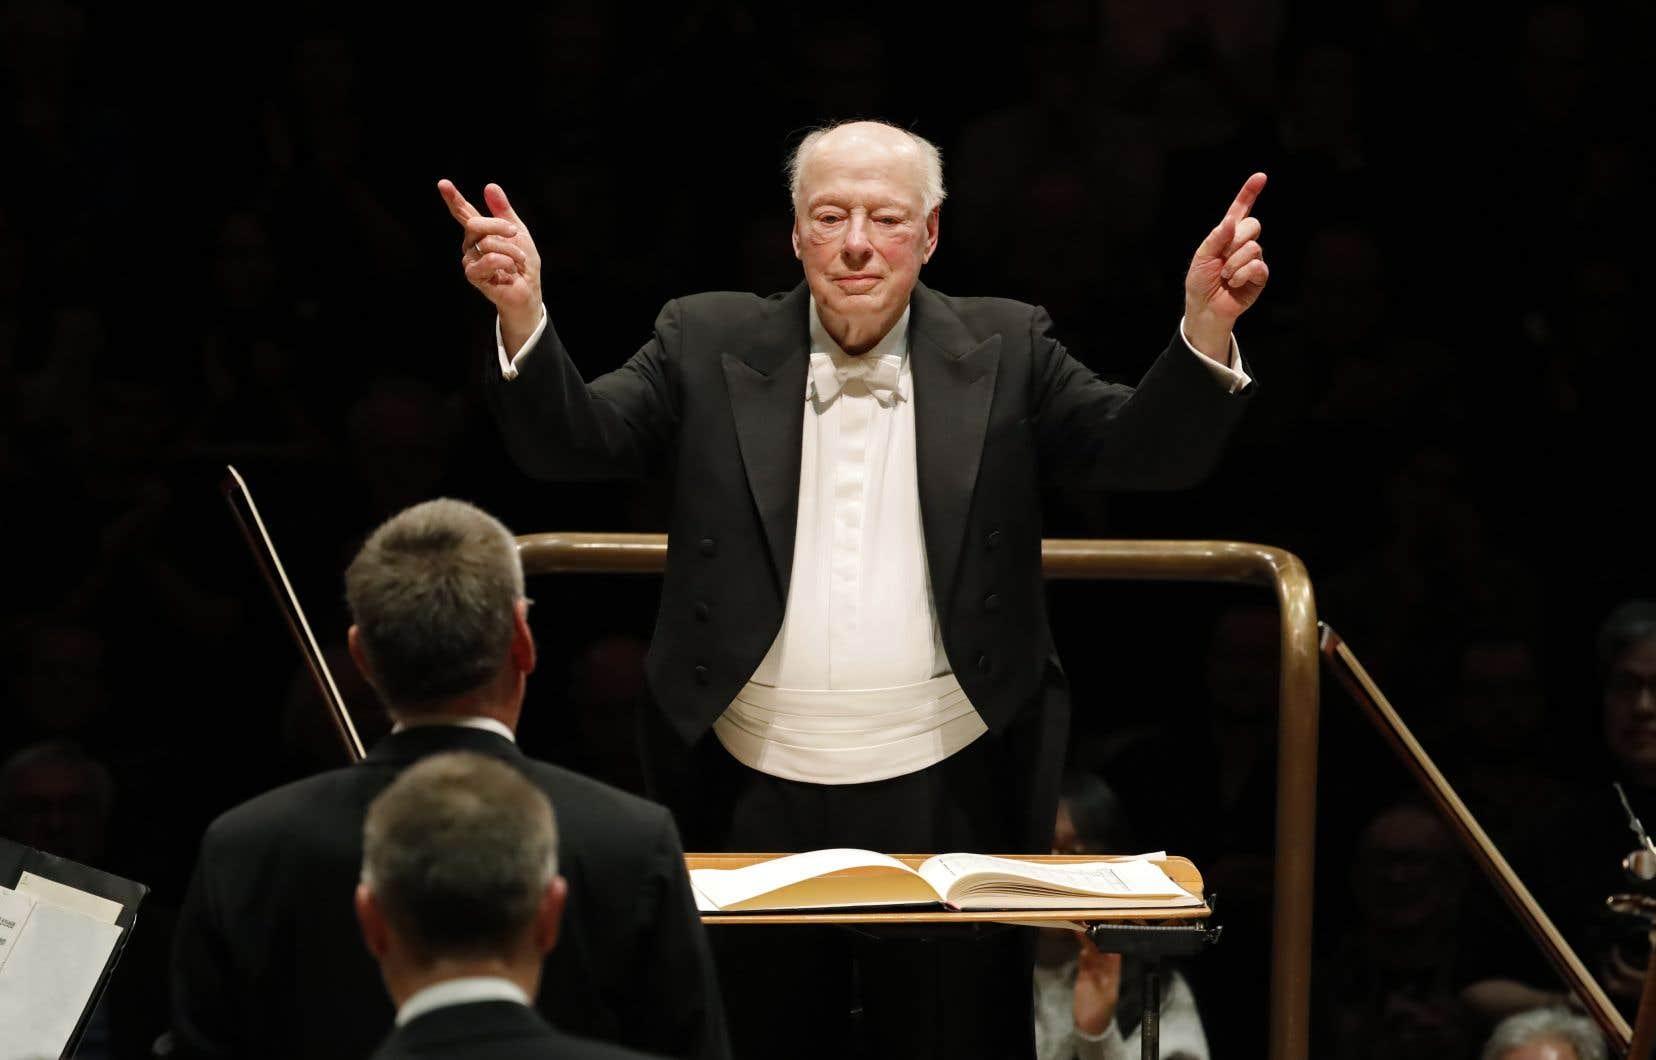 Le chef d'orchestre néerlandais,Bernard Haitink